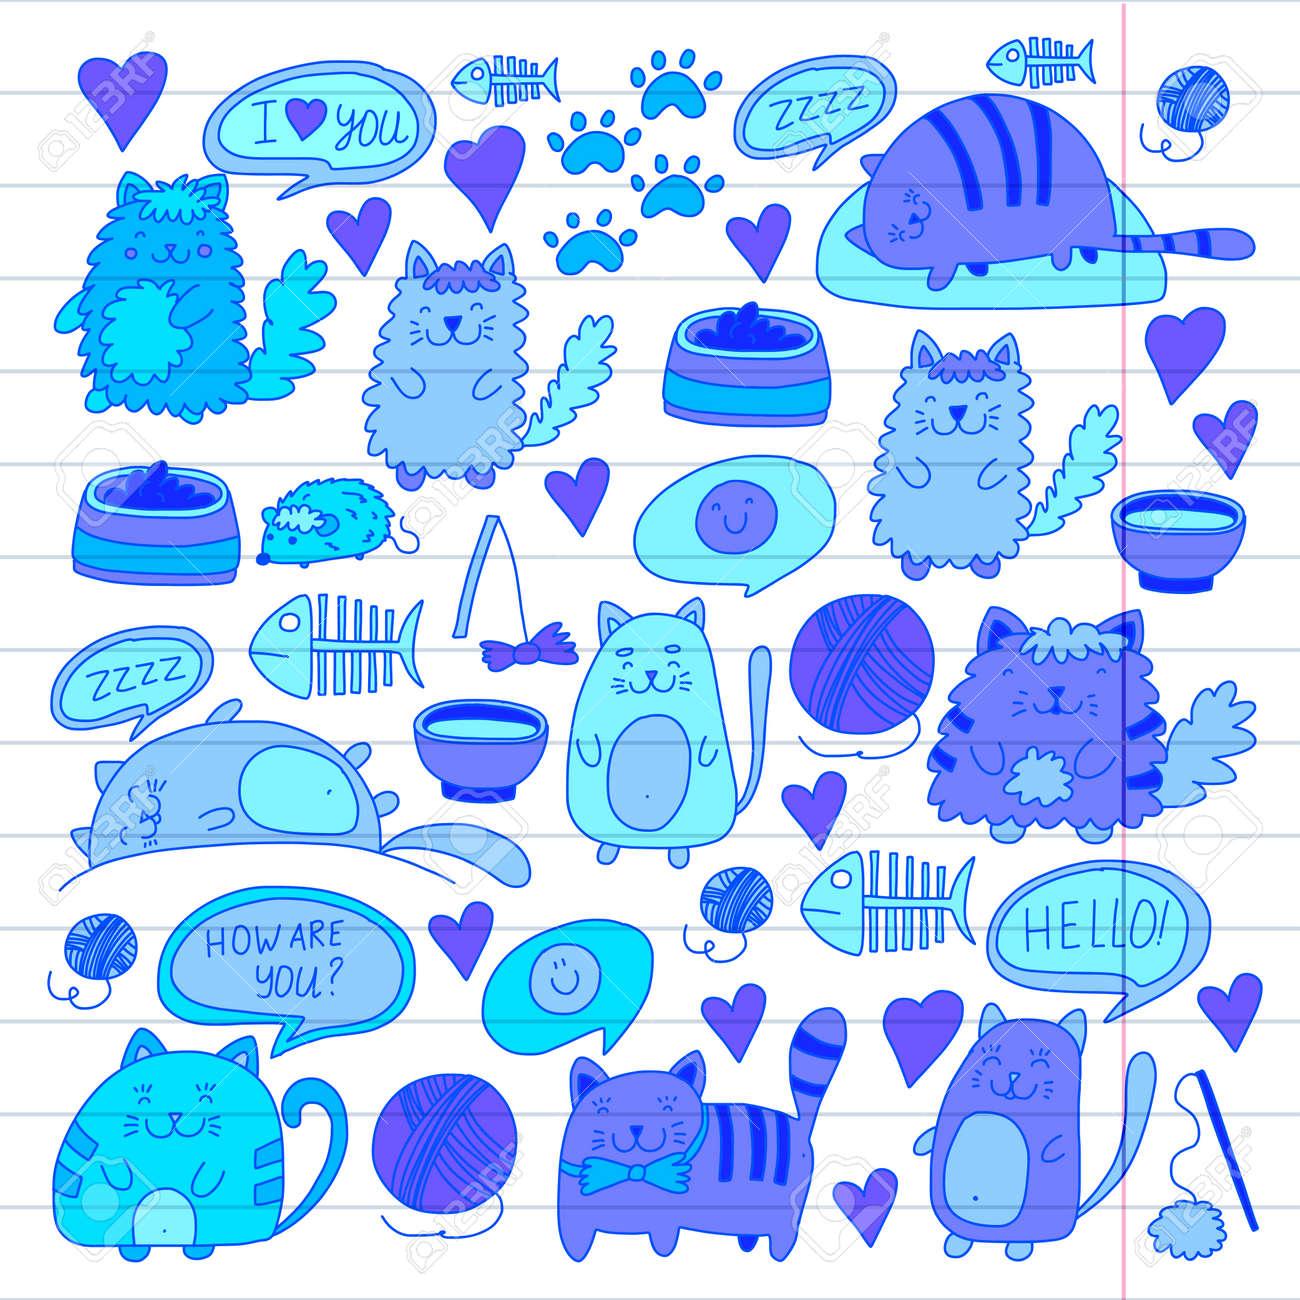 Chats Vecteur Domestique Mignon Kawaii Chatons Style Japonais Kawaii Chats De Bande Dessinée Jouant Illustratrion Pour Animalerie Vétérinaire